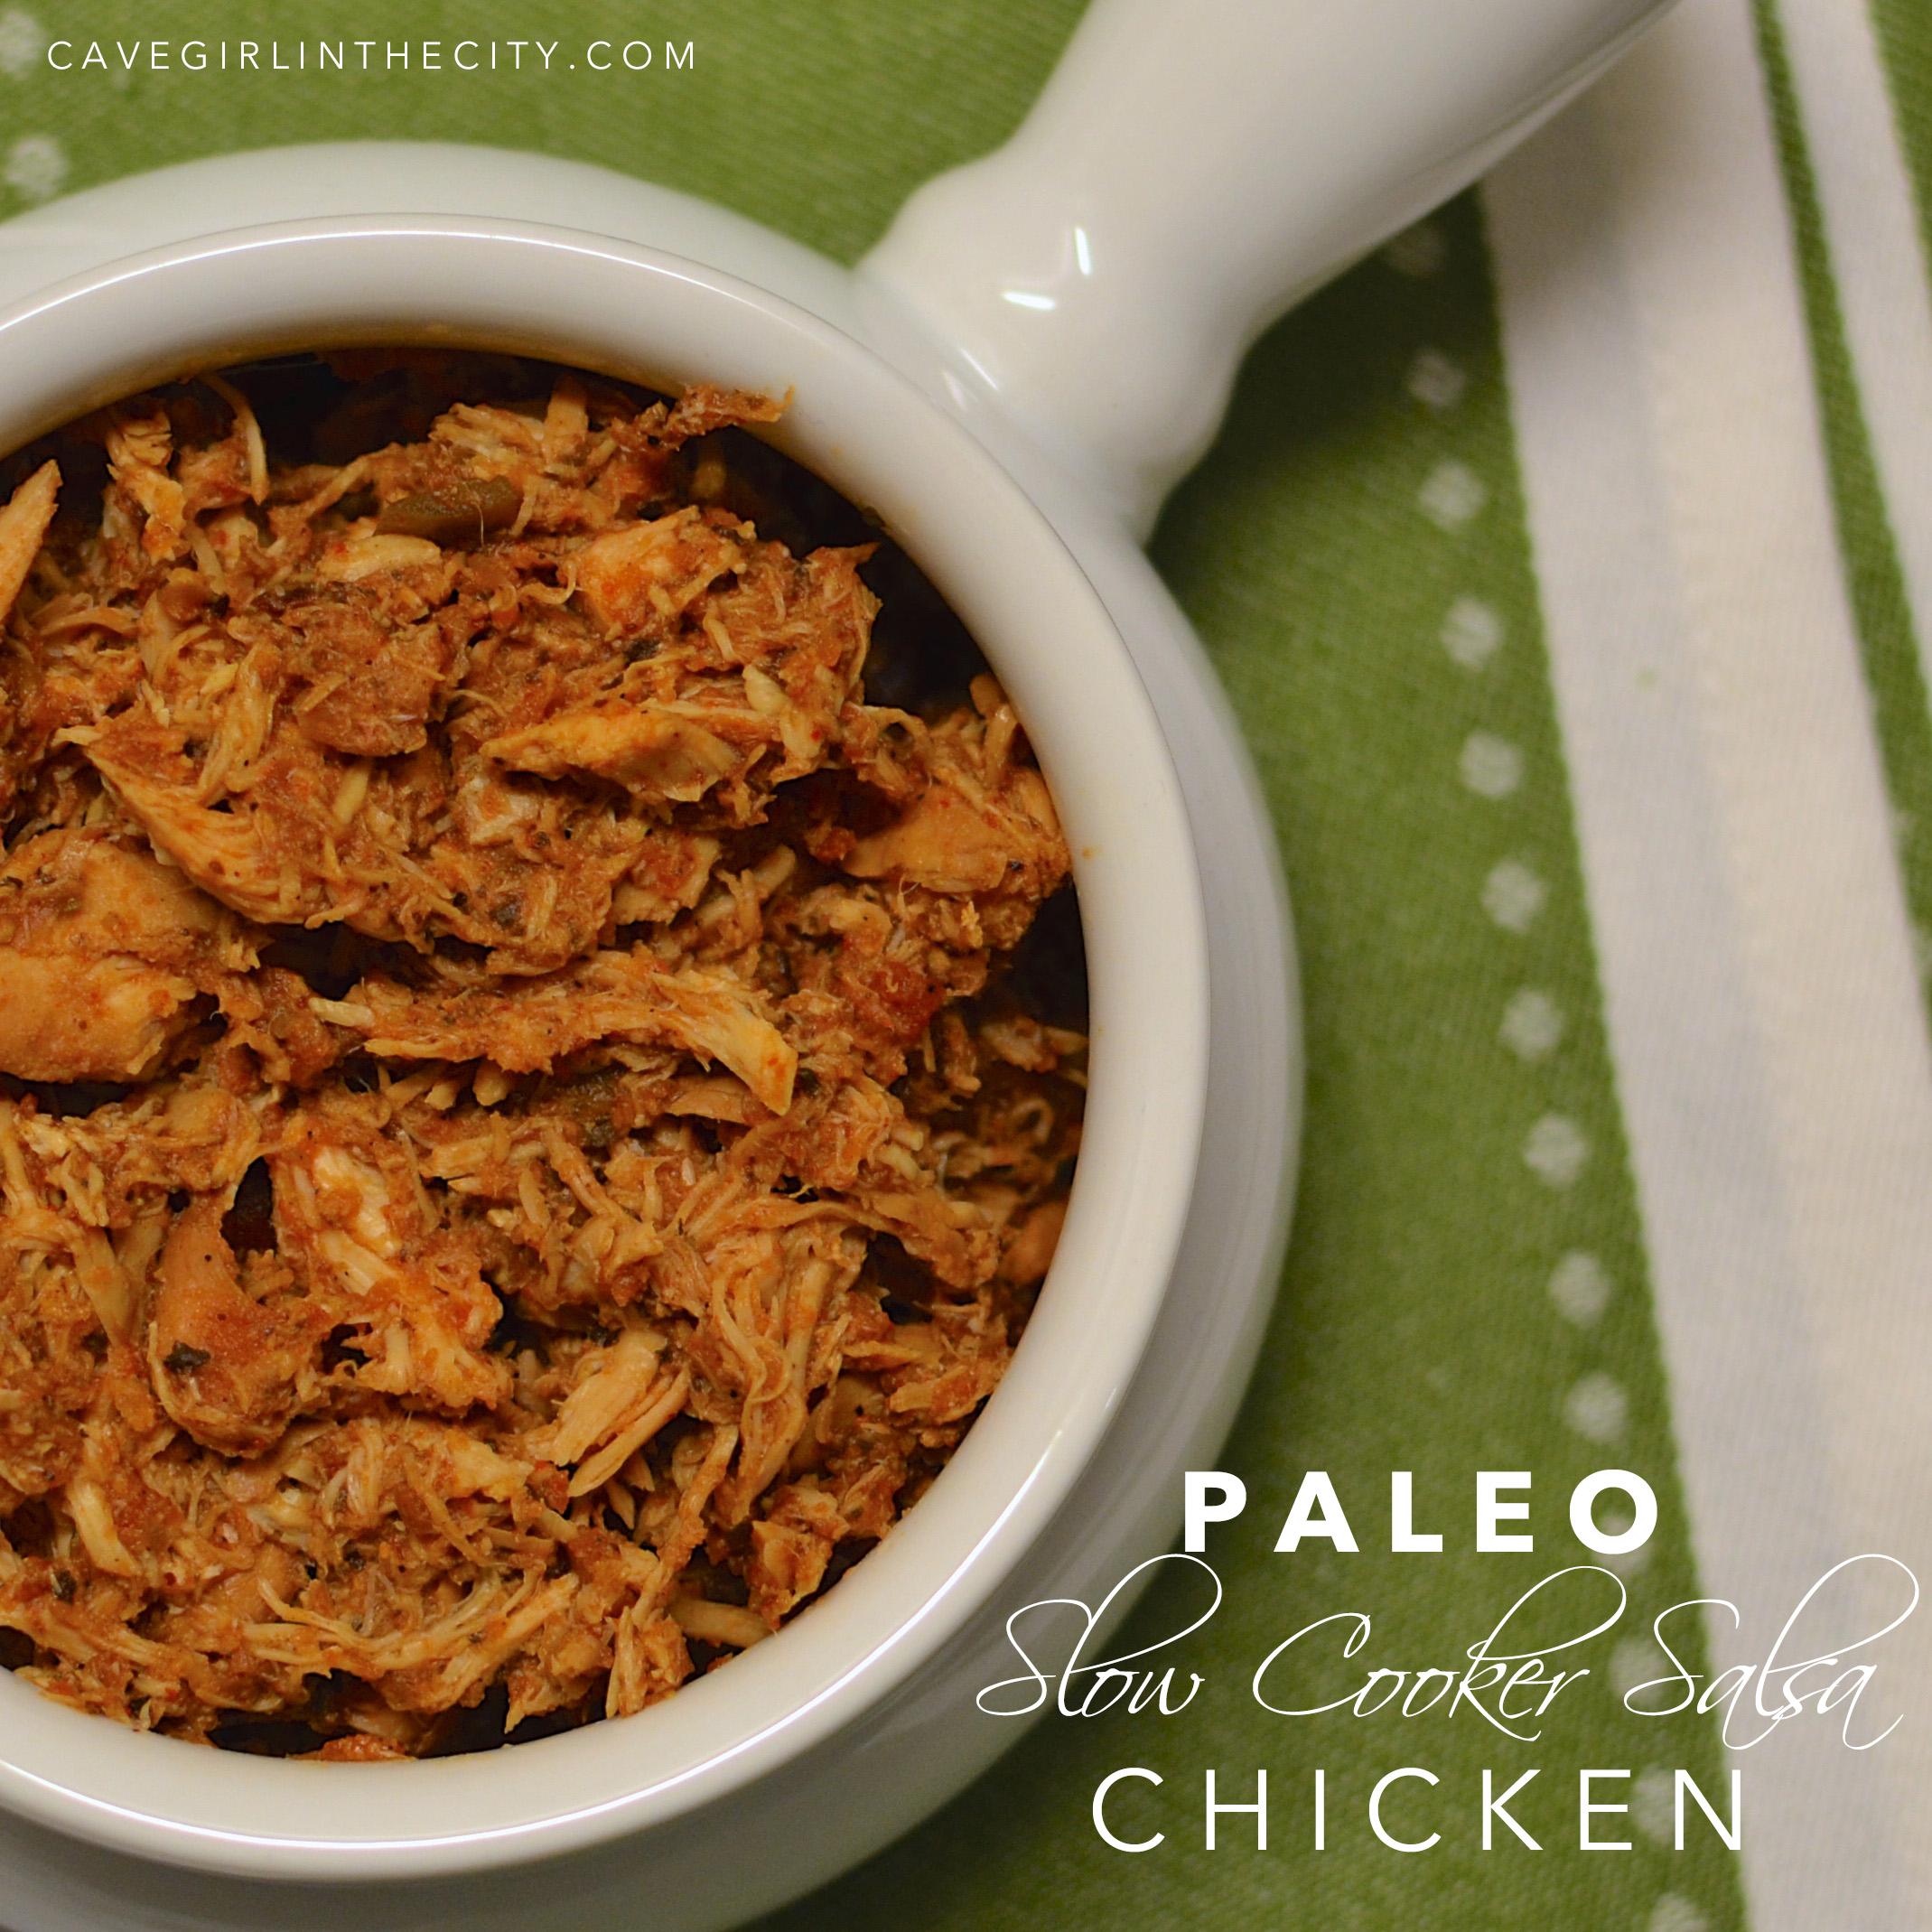 Slow Cooker Salsa Chicken